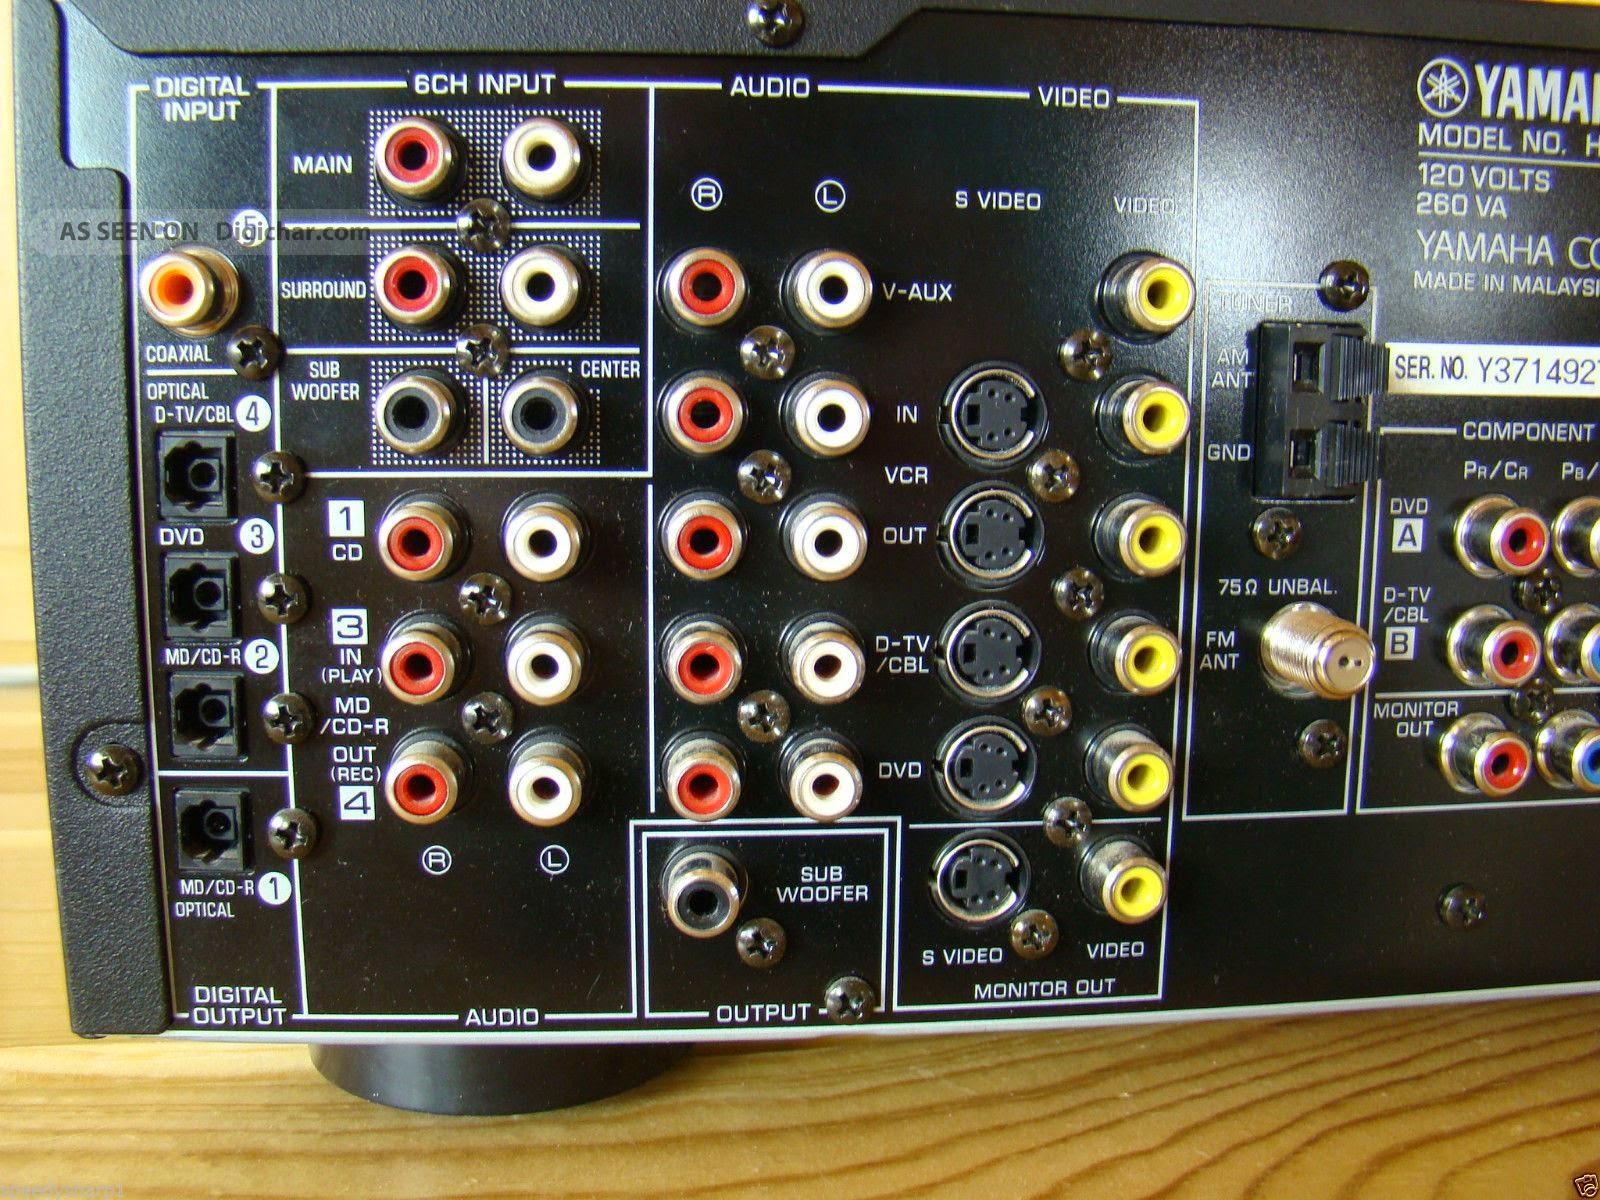 yamaha htr 5550 av receiver audiobaza rh audiobaza blogspot com yamaha htr-5500 manual yamaha htr 5250 manual